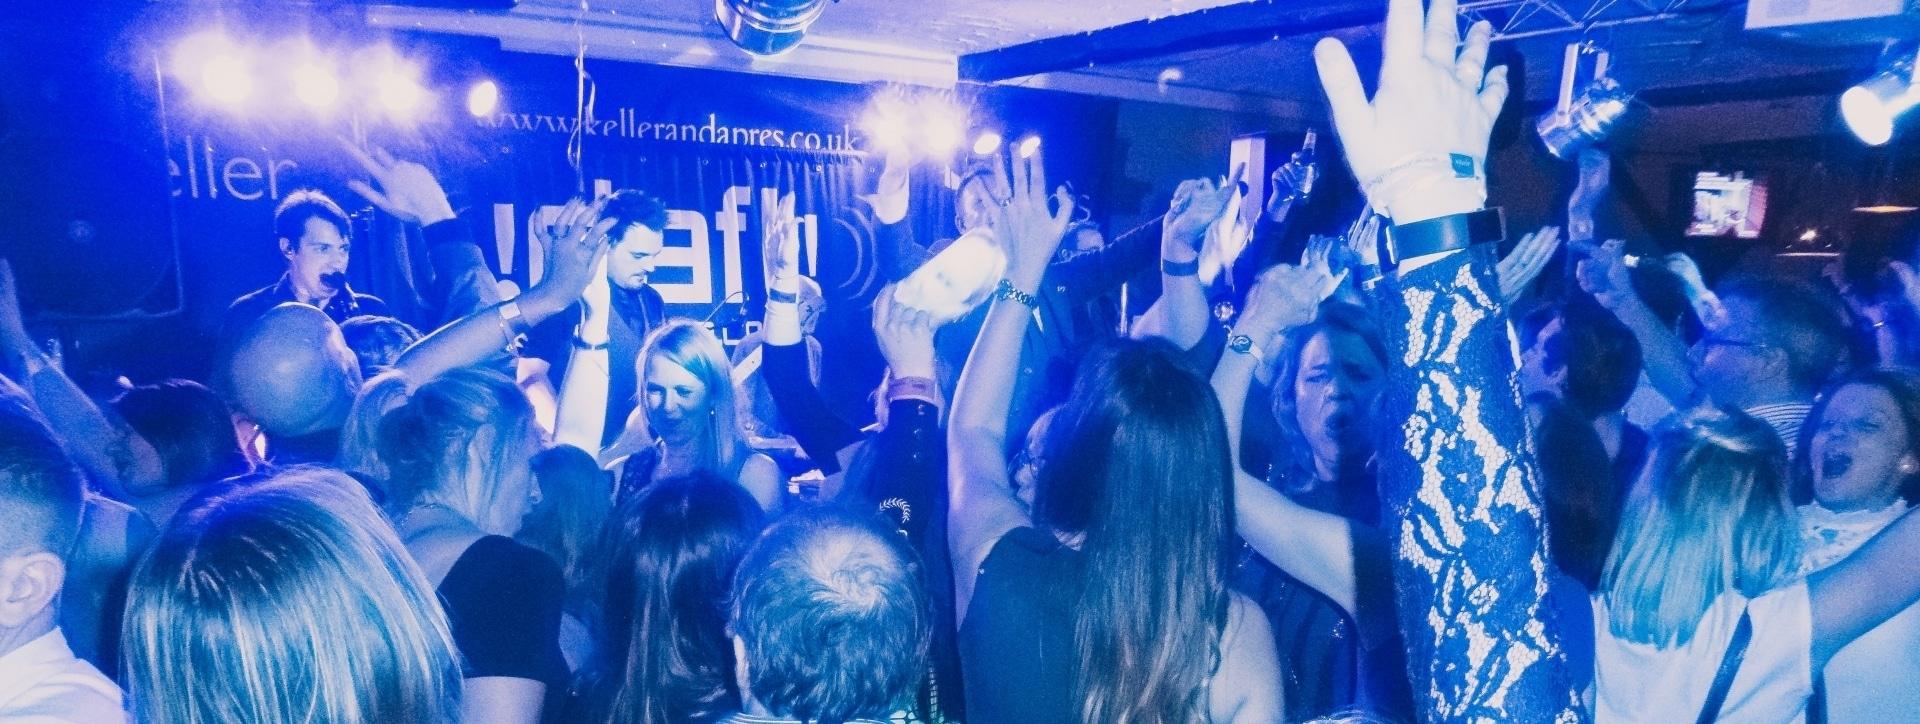 People dancing at The Bier Keller, Bracknell